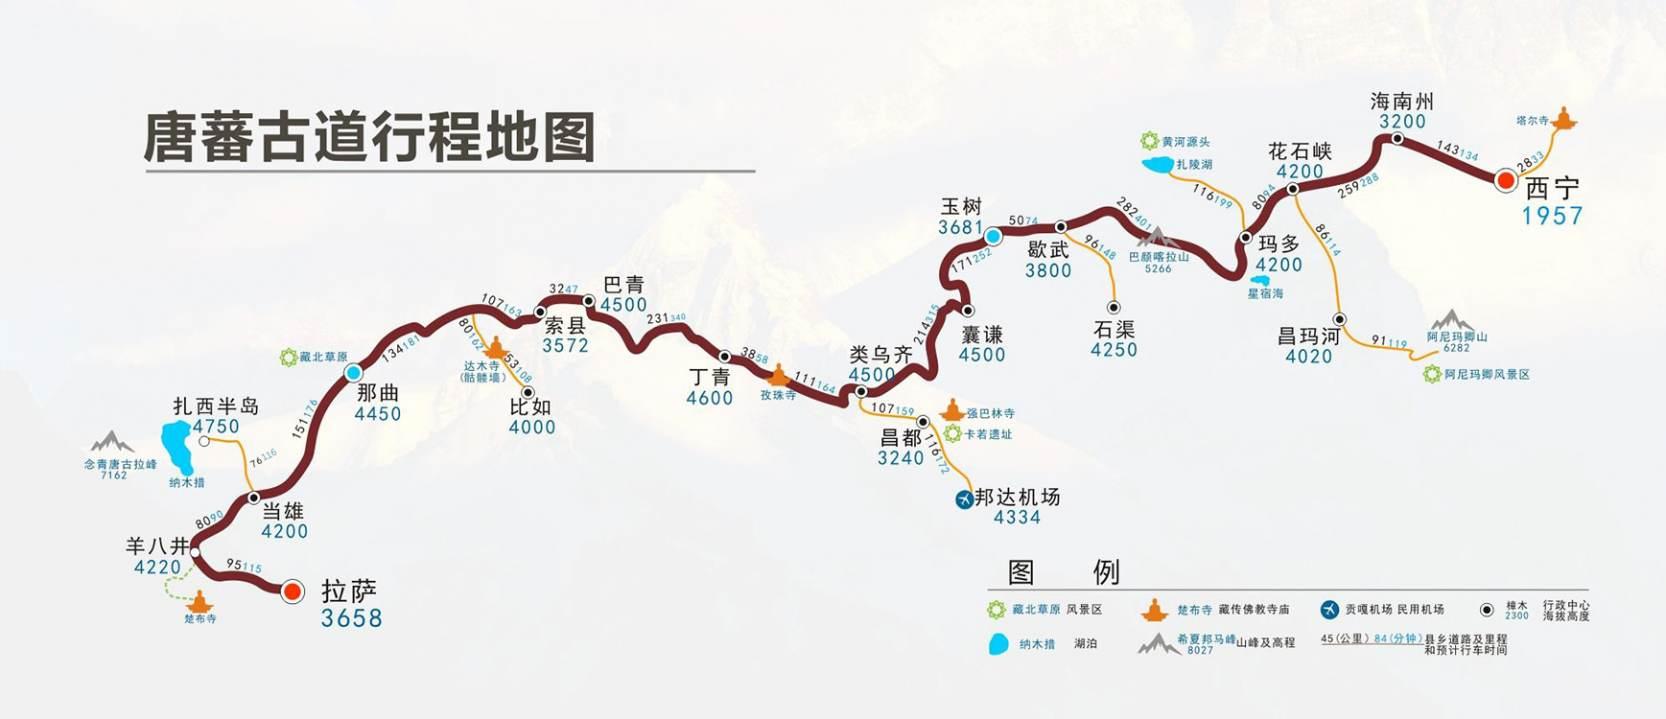 唐蕃古道地图